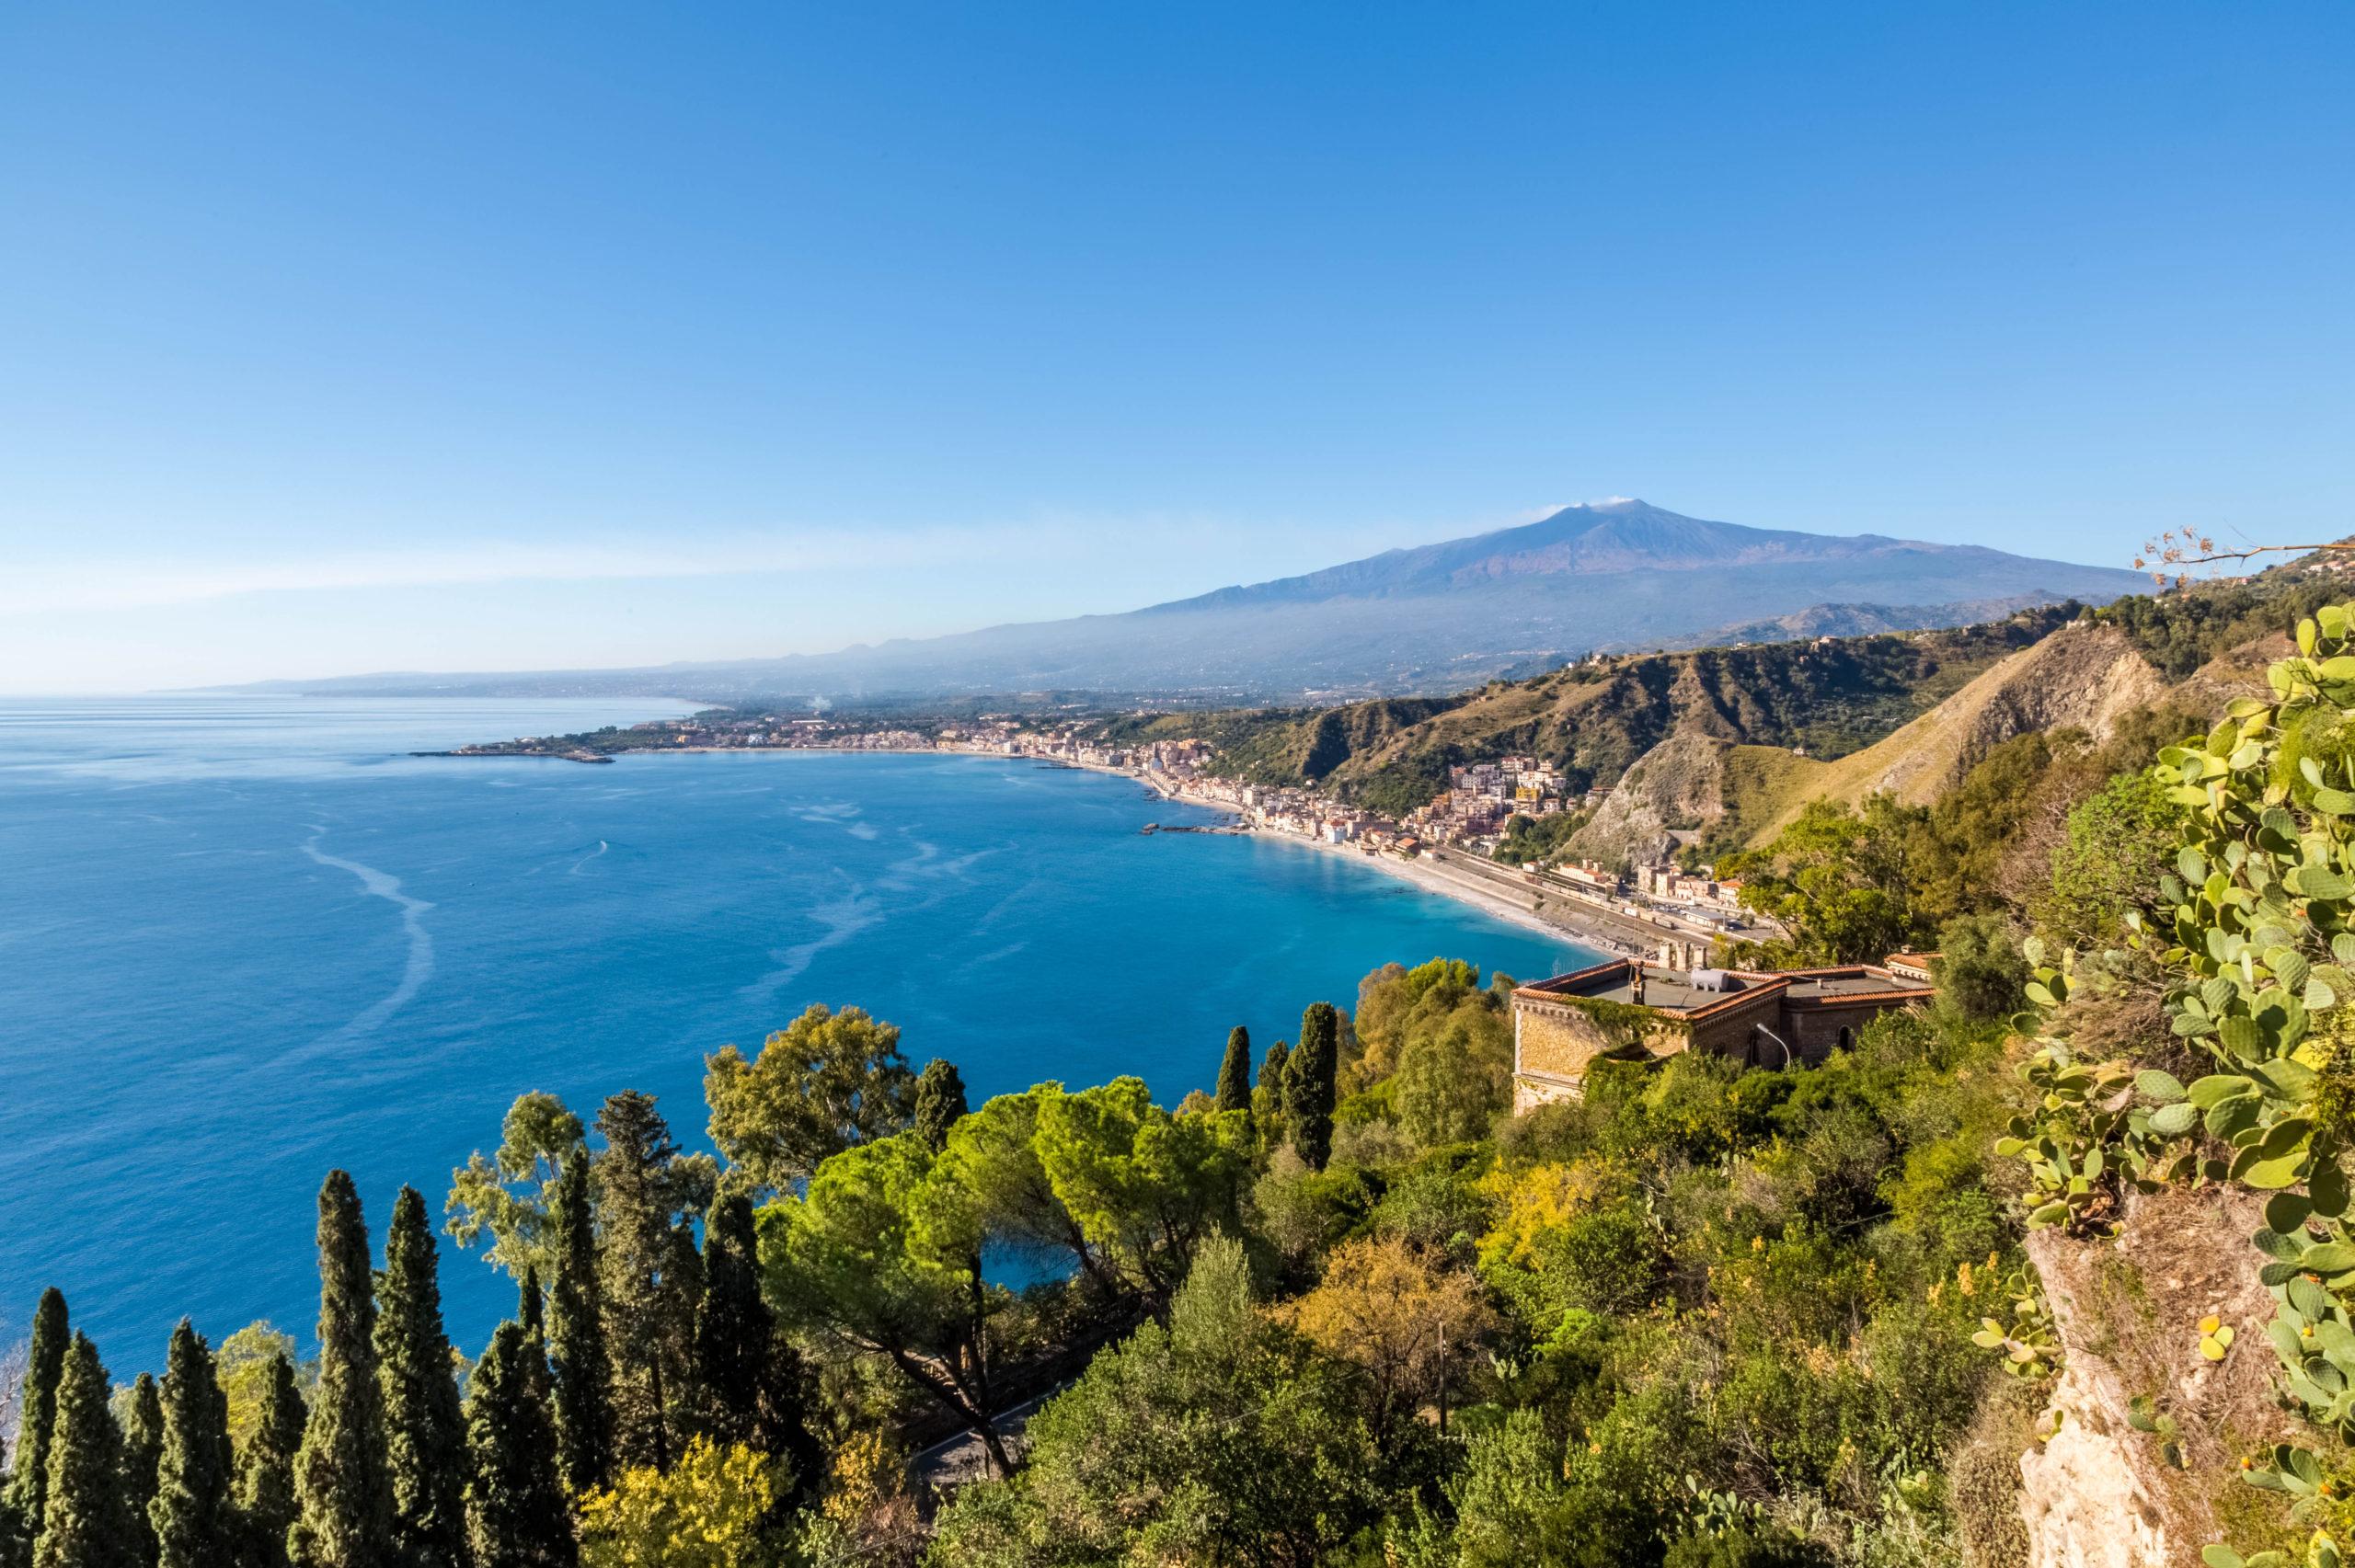 Plaże w Katanii, Włochy